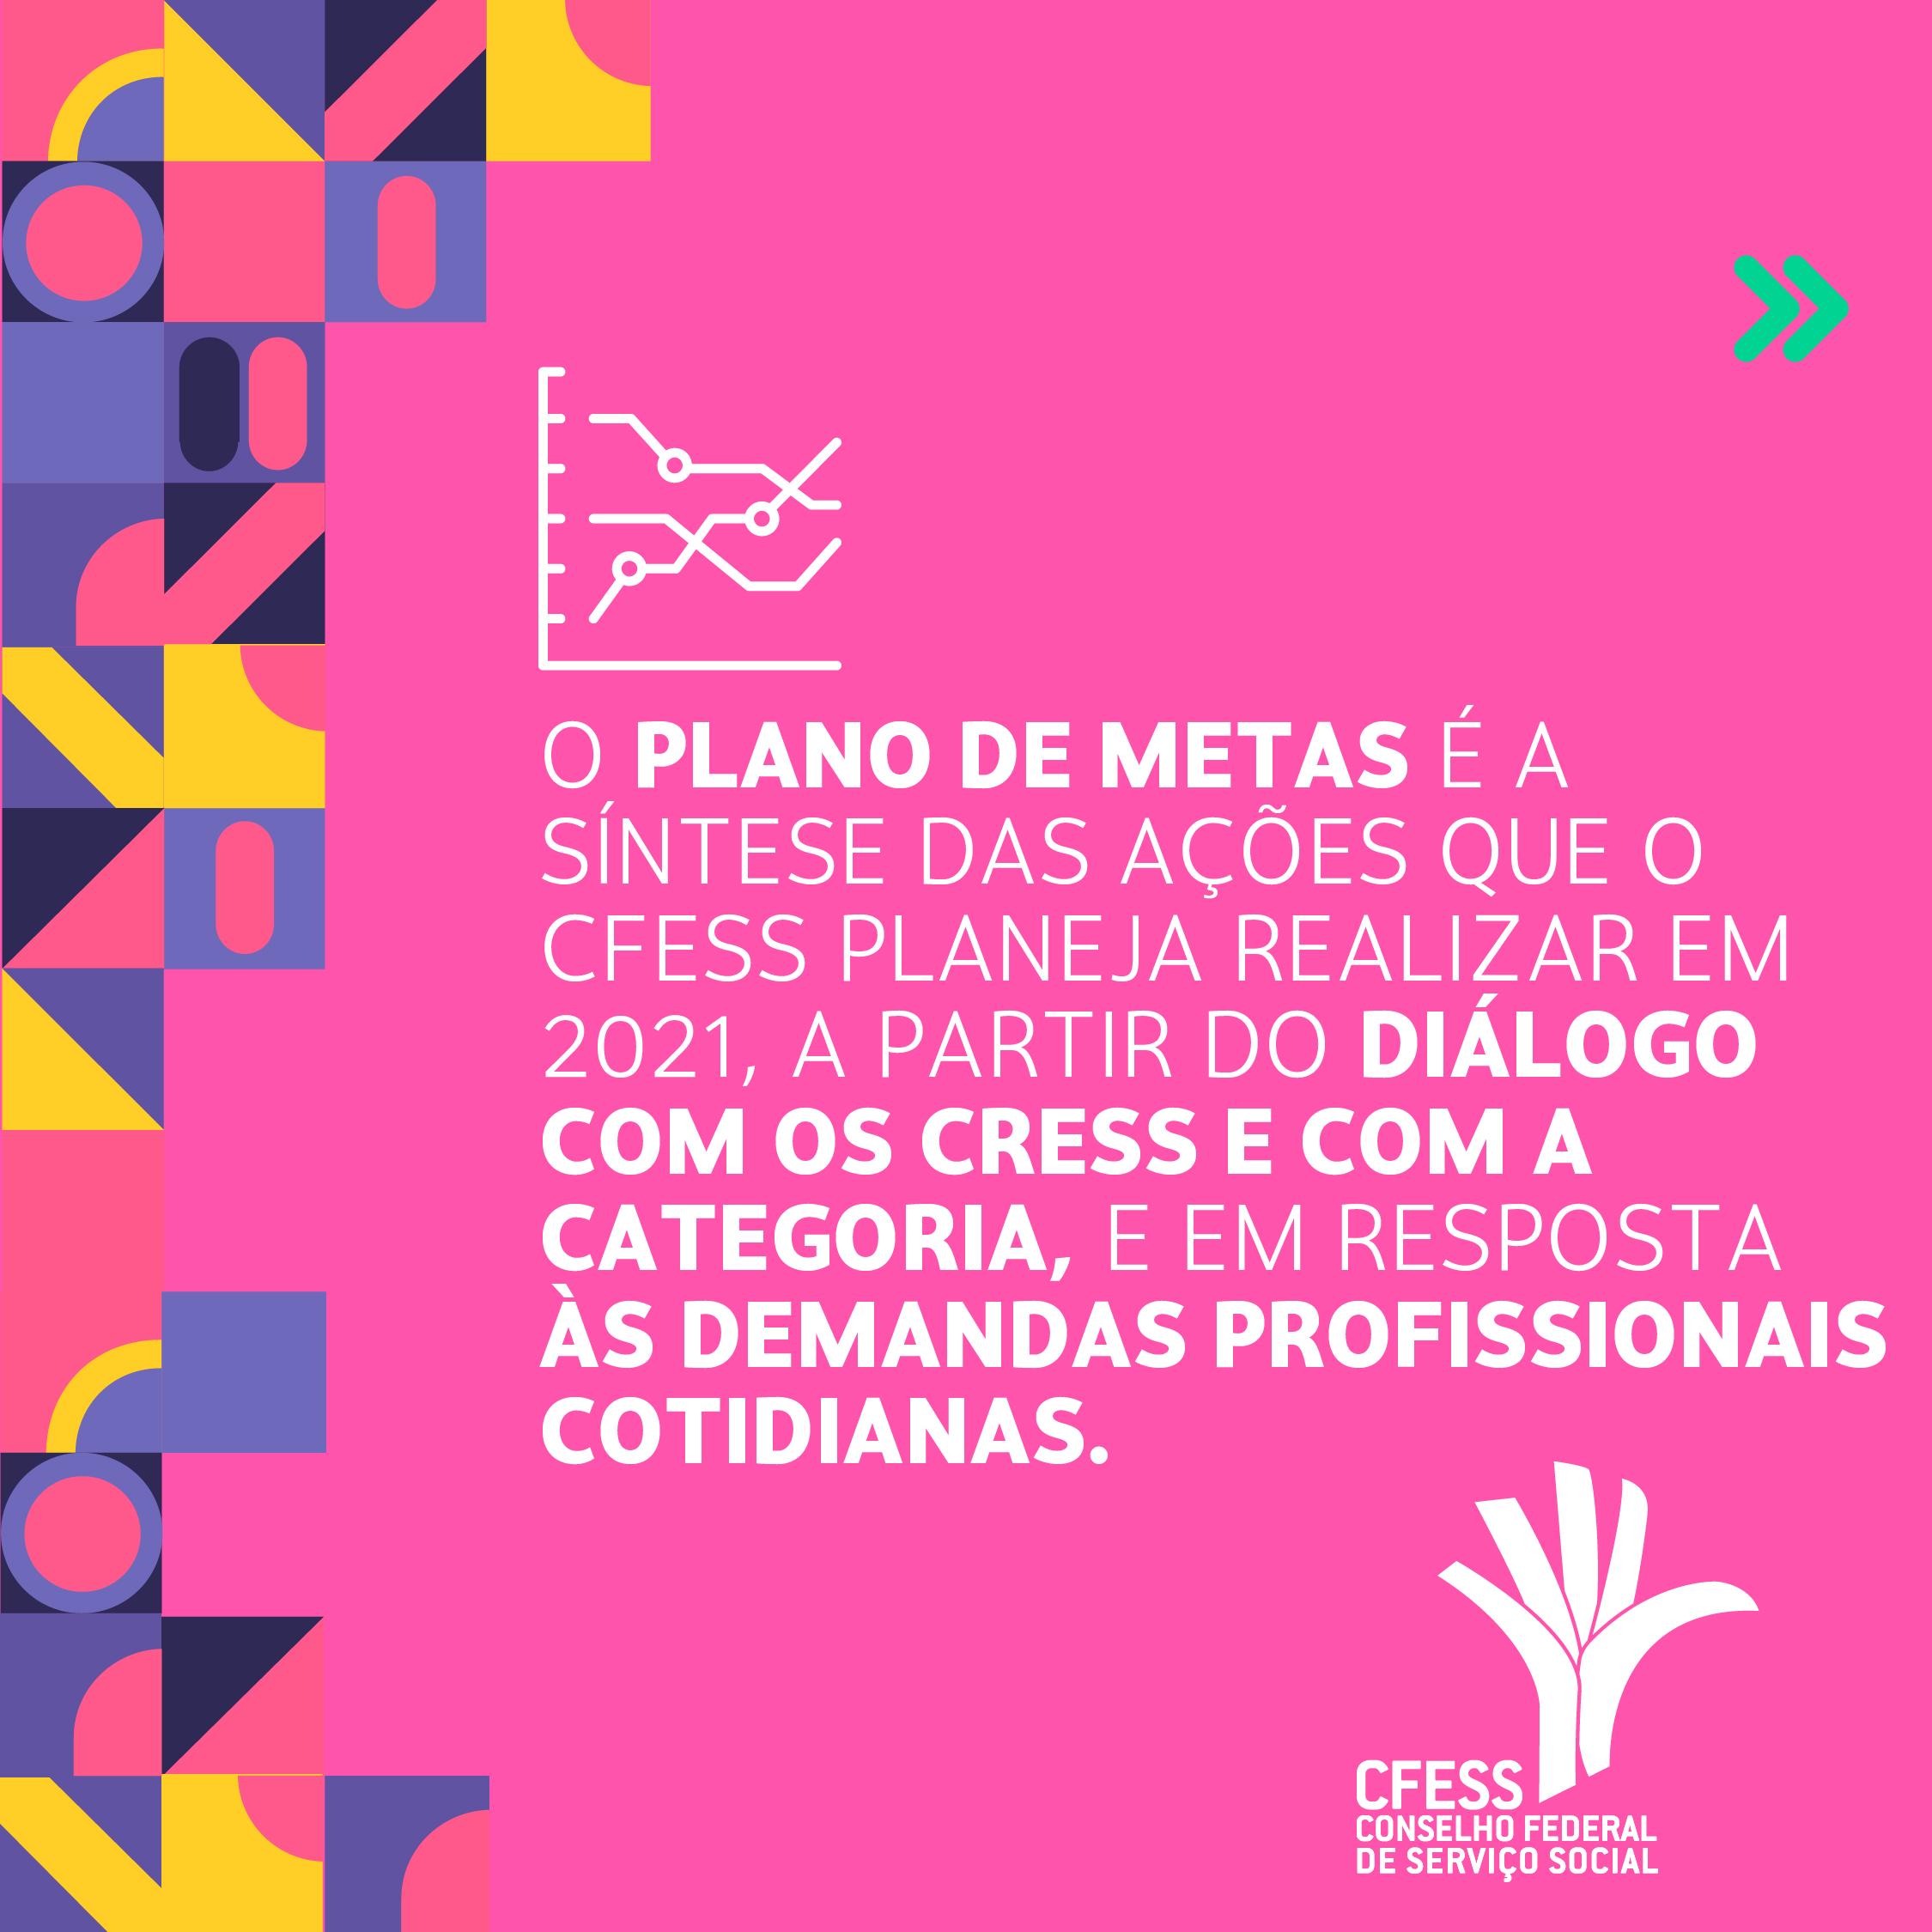 Card rosa com imagens geométricas coloridas, um texto ao centro reforçando o caráter coletivo do Plano de Metas